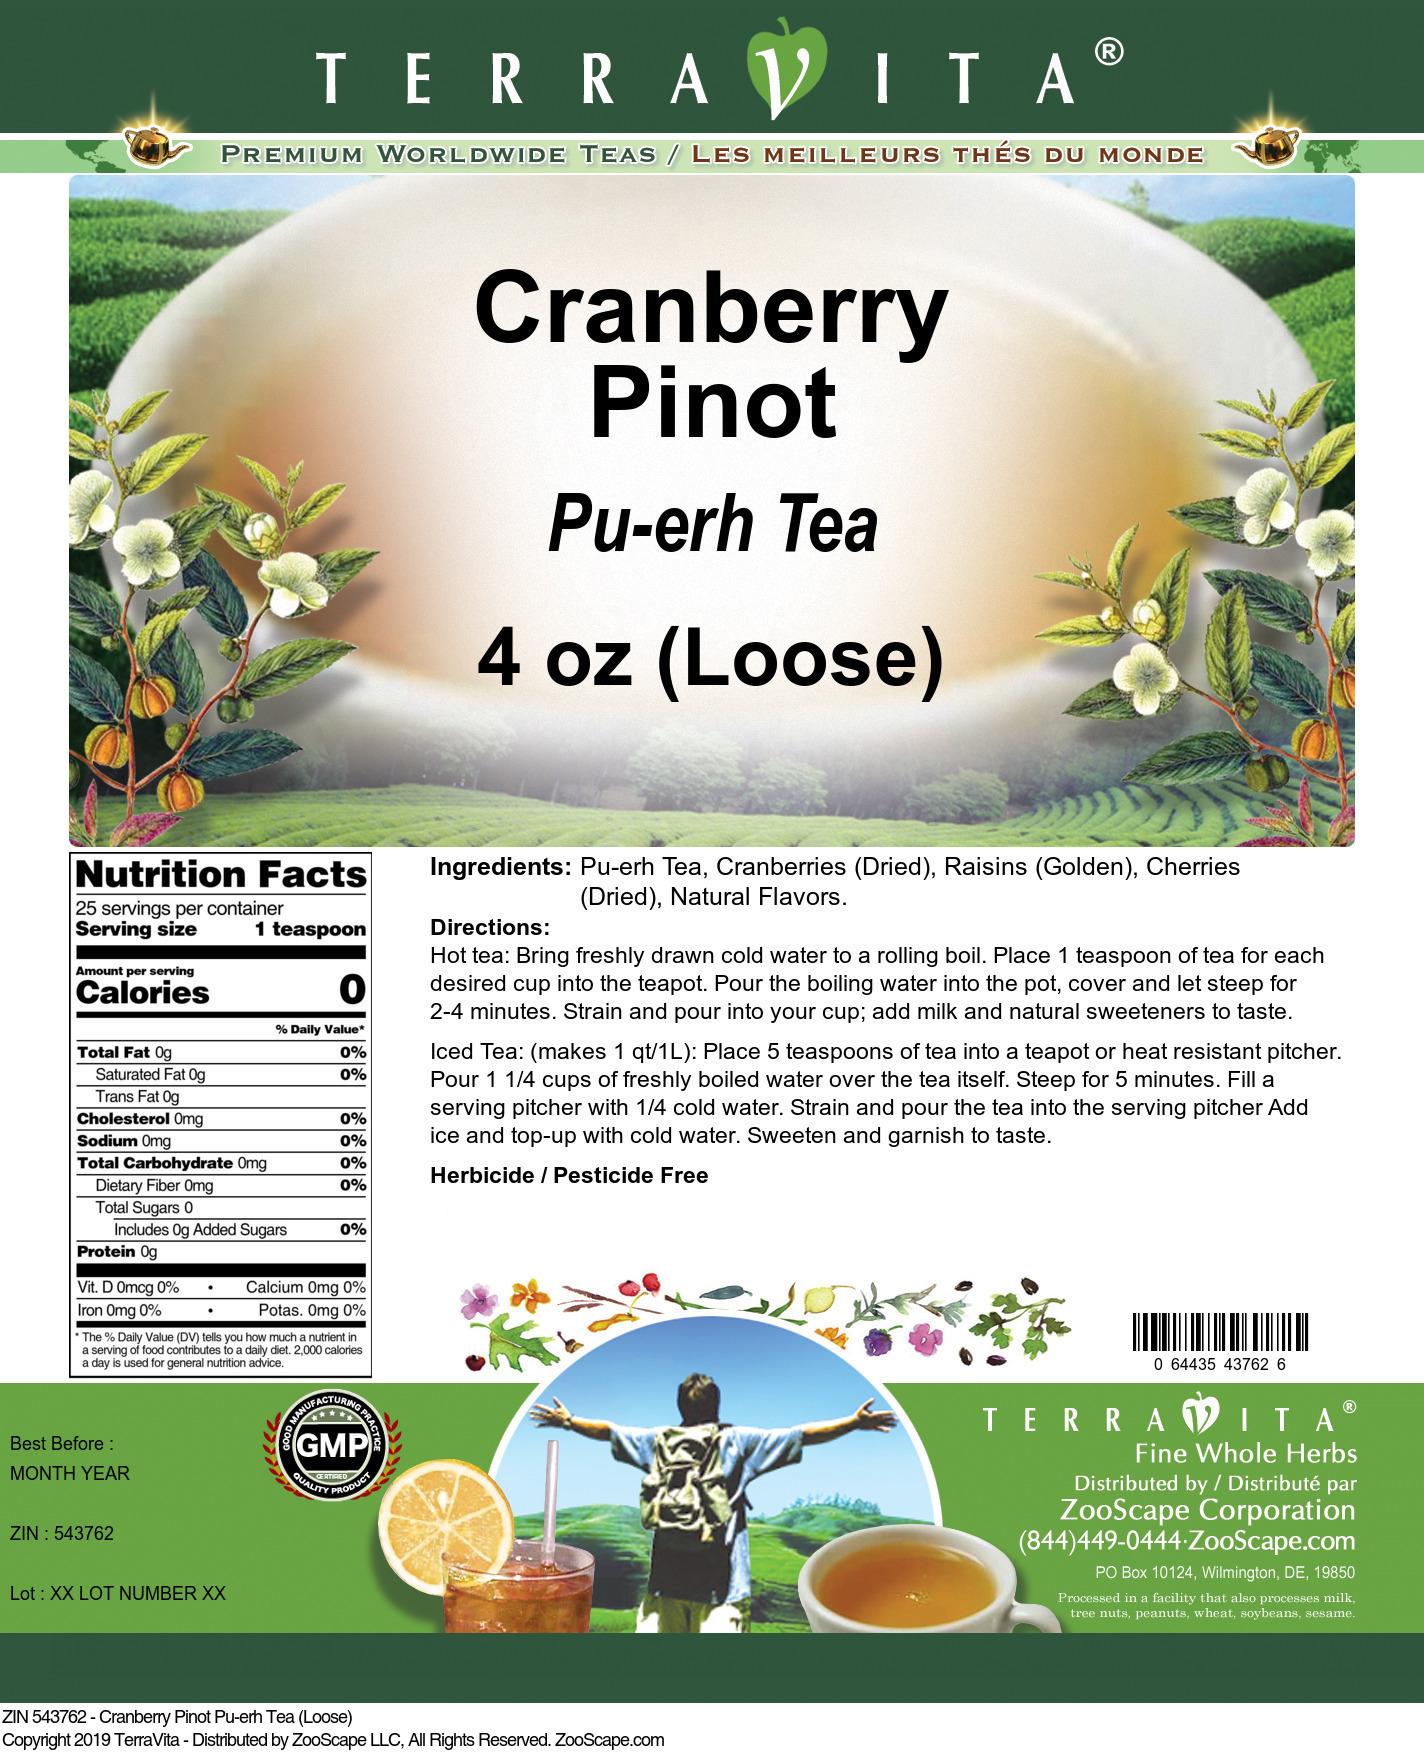 Cranberry Pinot Pu-erh Tea